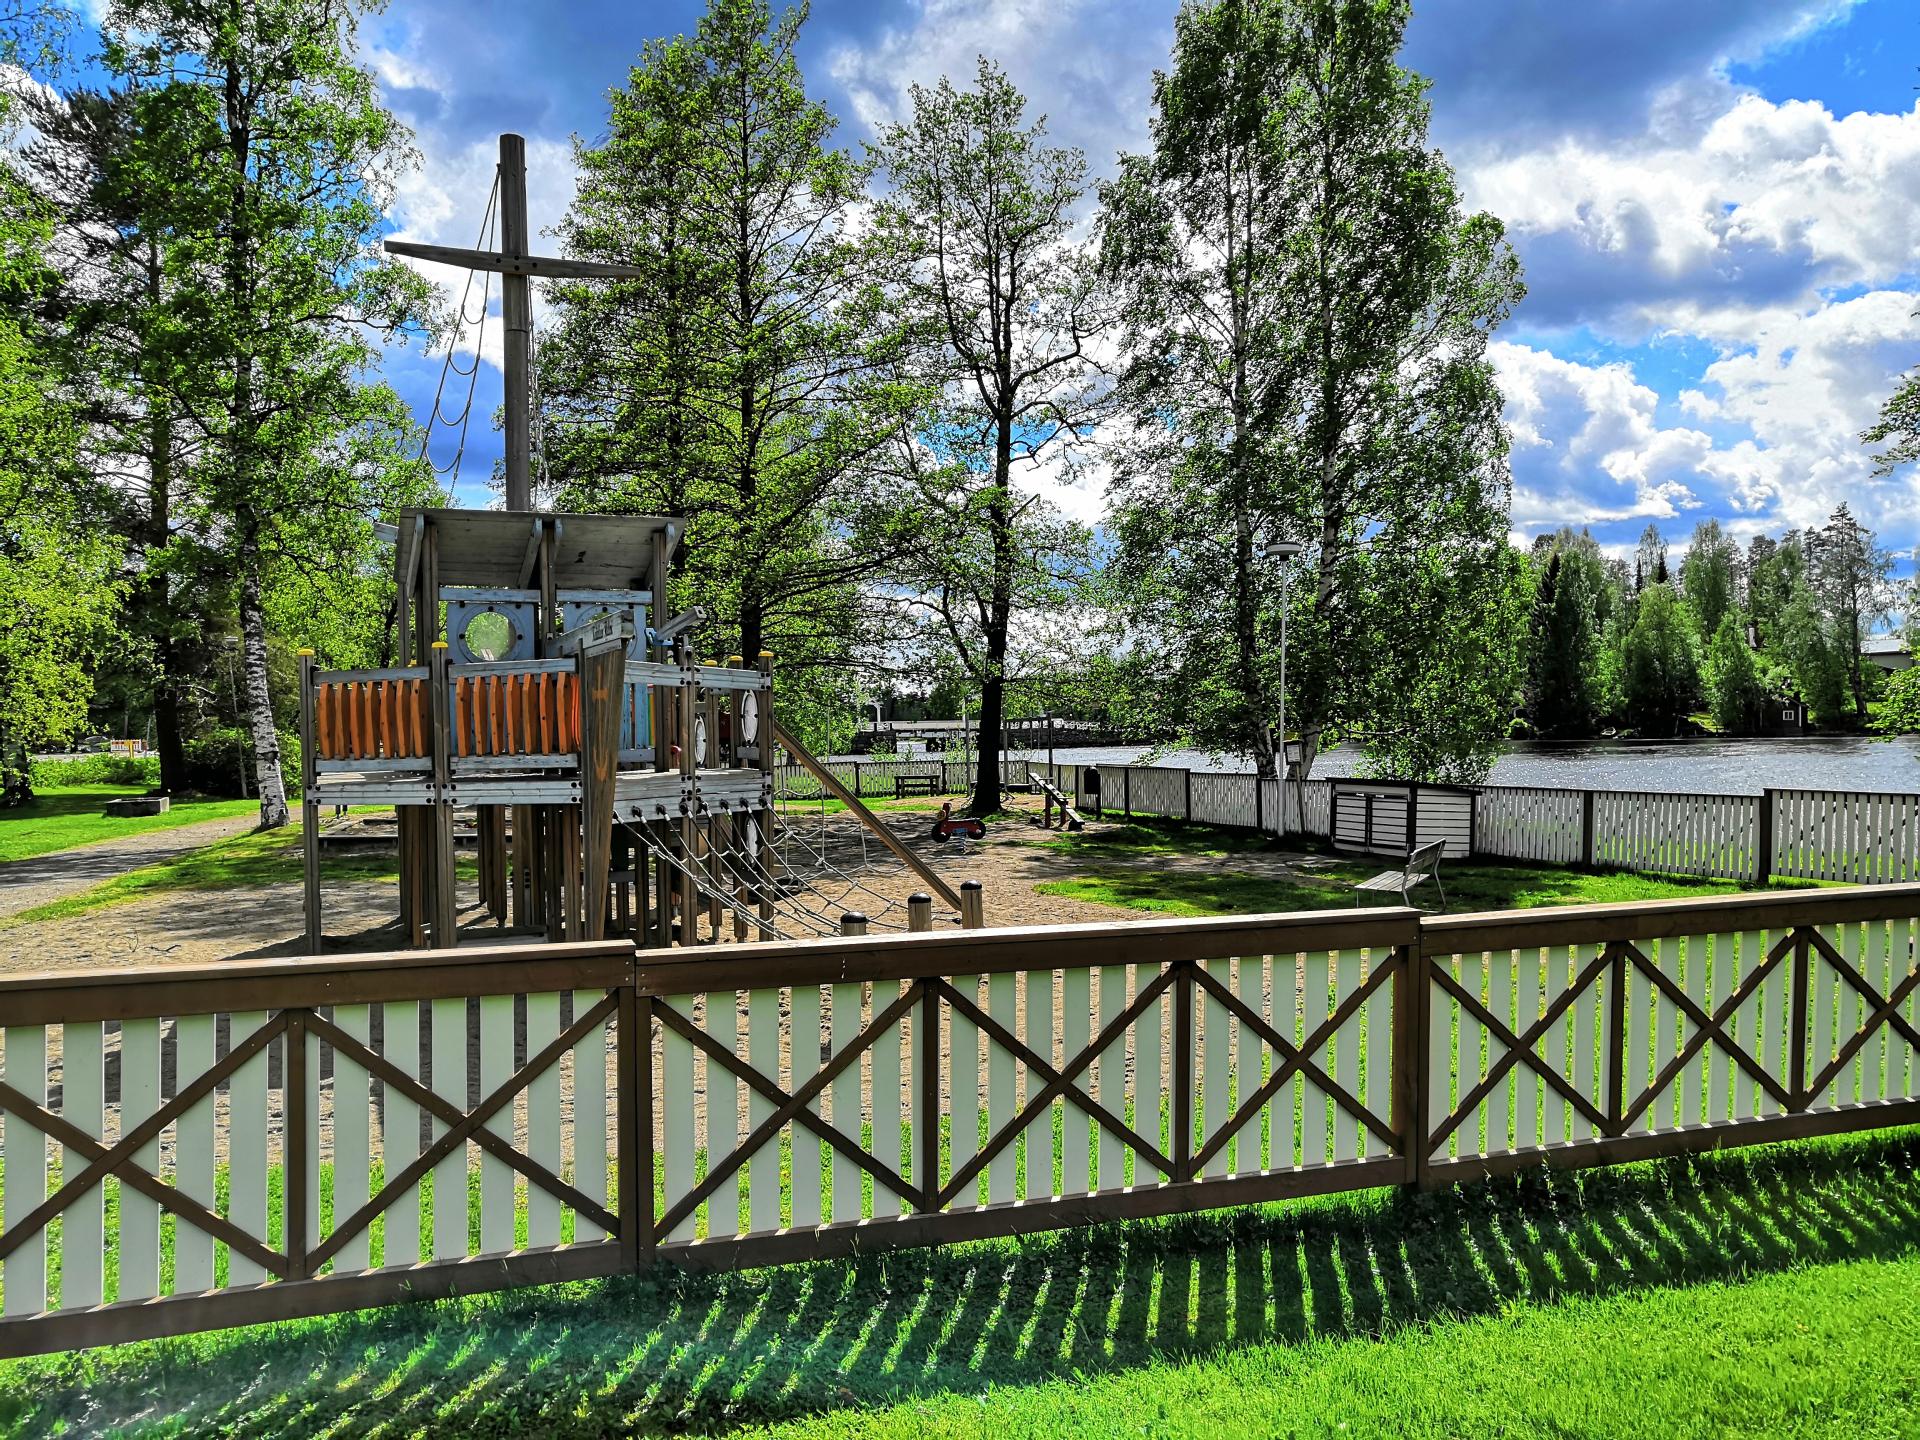 Porthanin puiston aidattu leikkialue Keitelejärven rannalla.